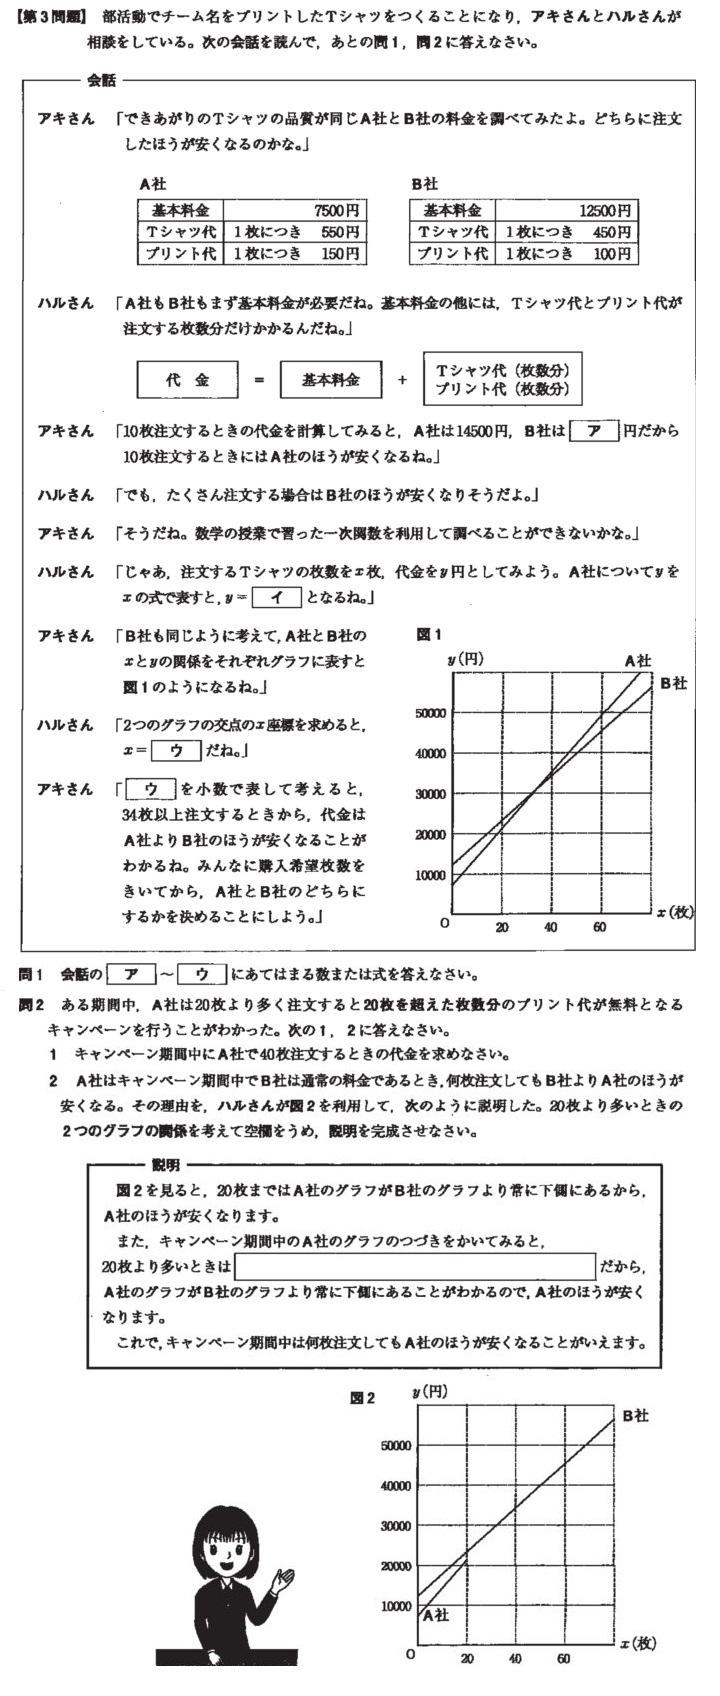 2020 高校 福島 県立 入試